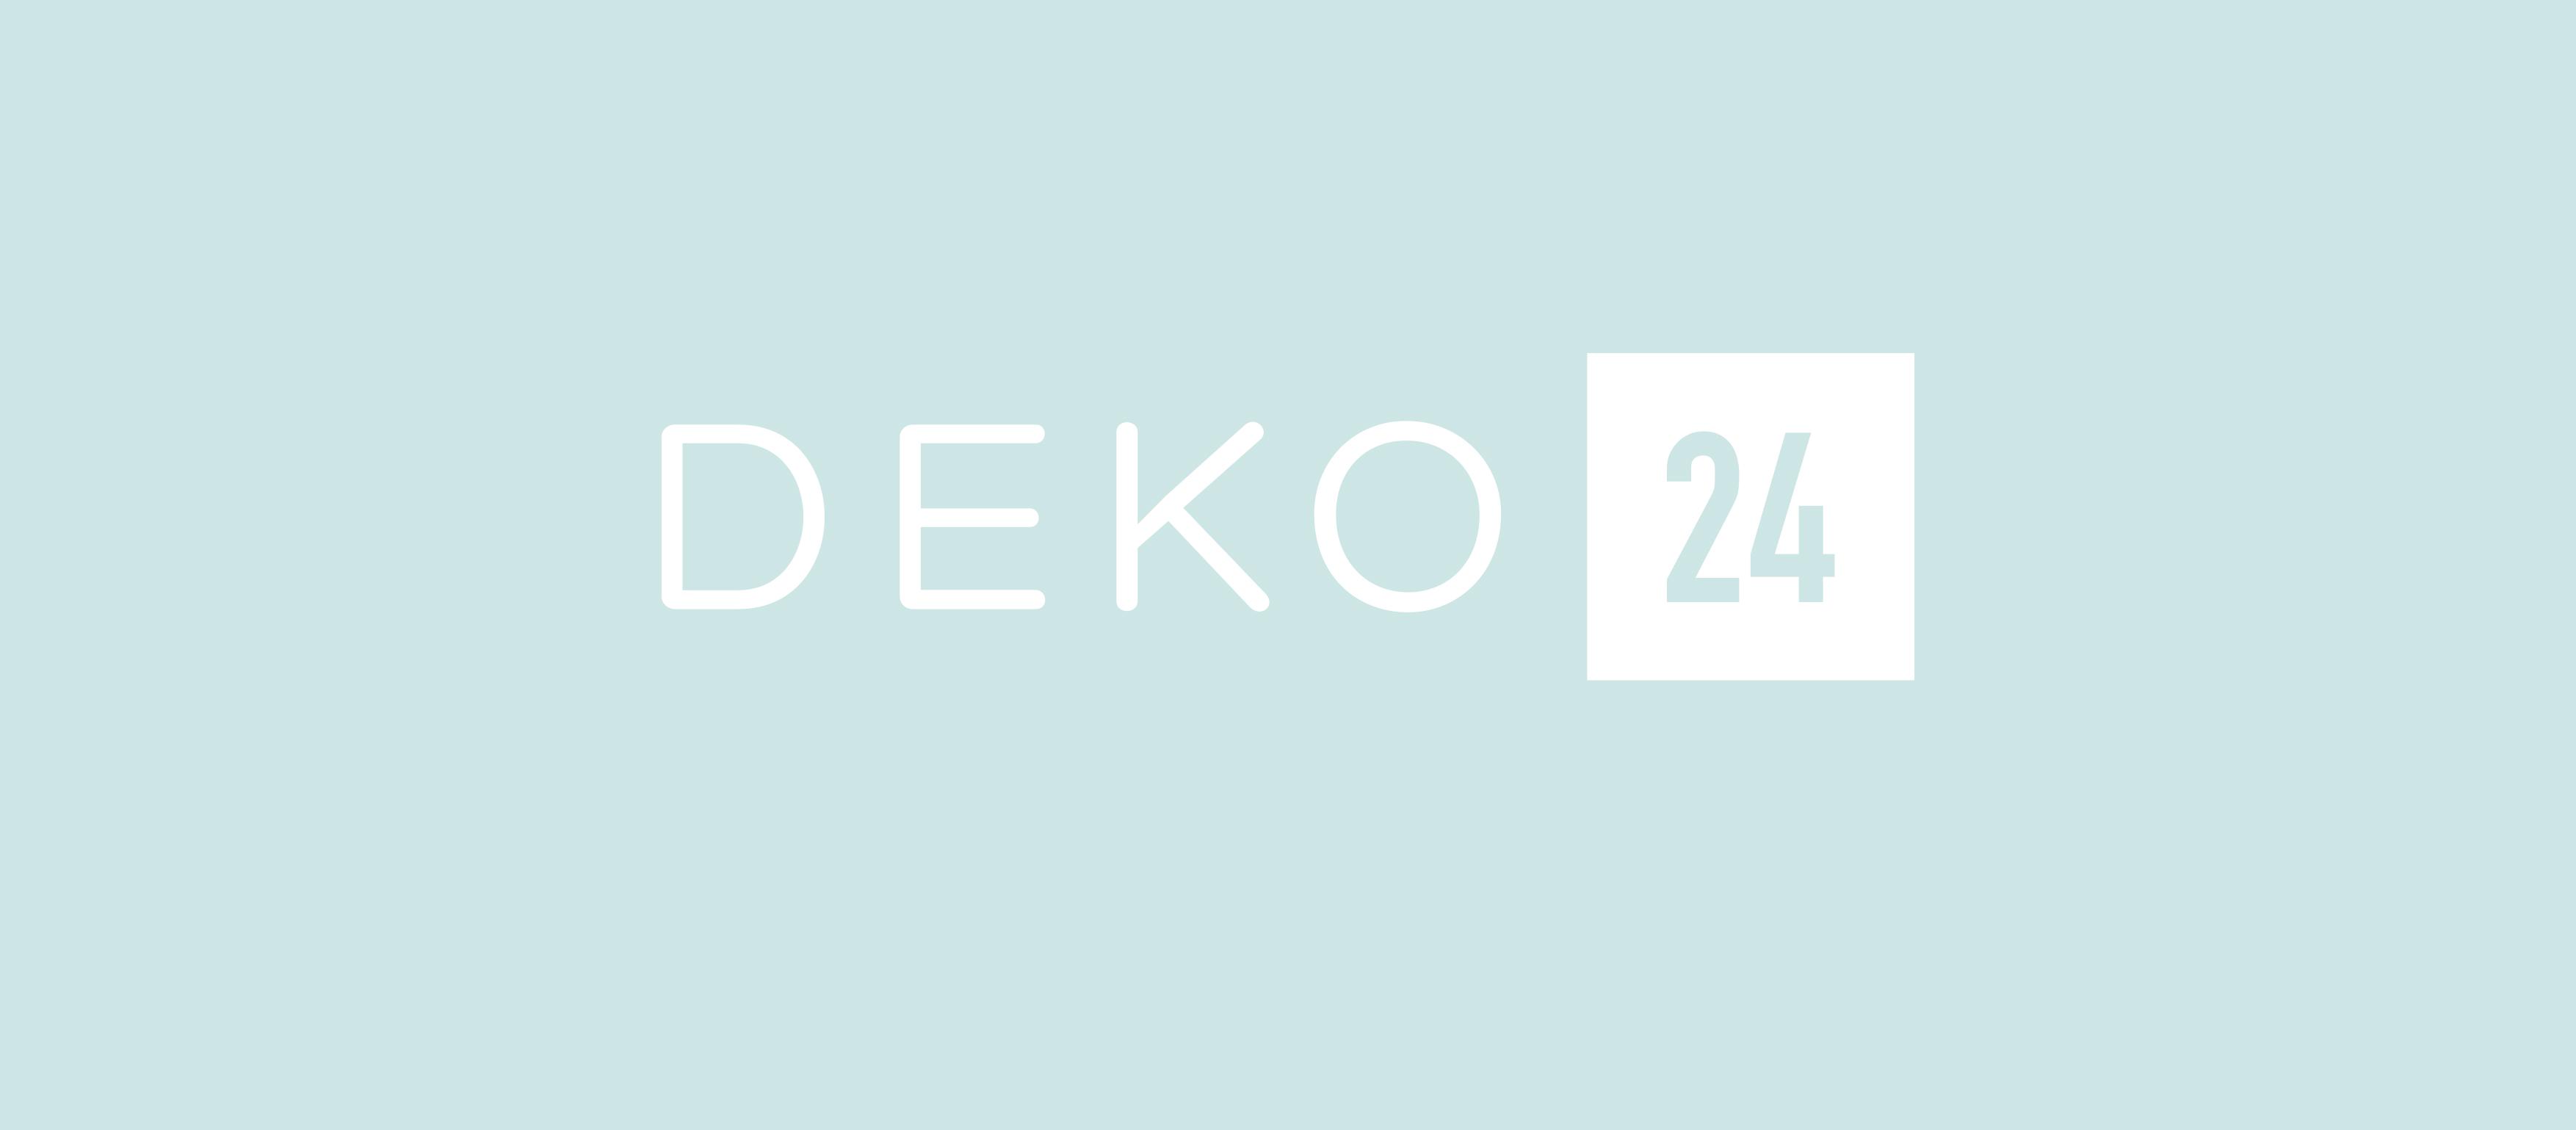 Deko24